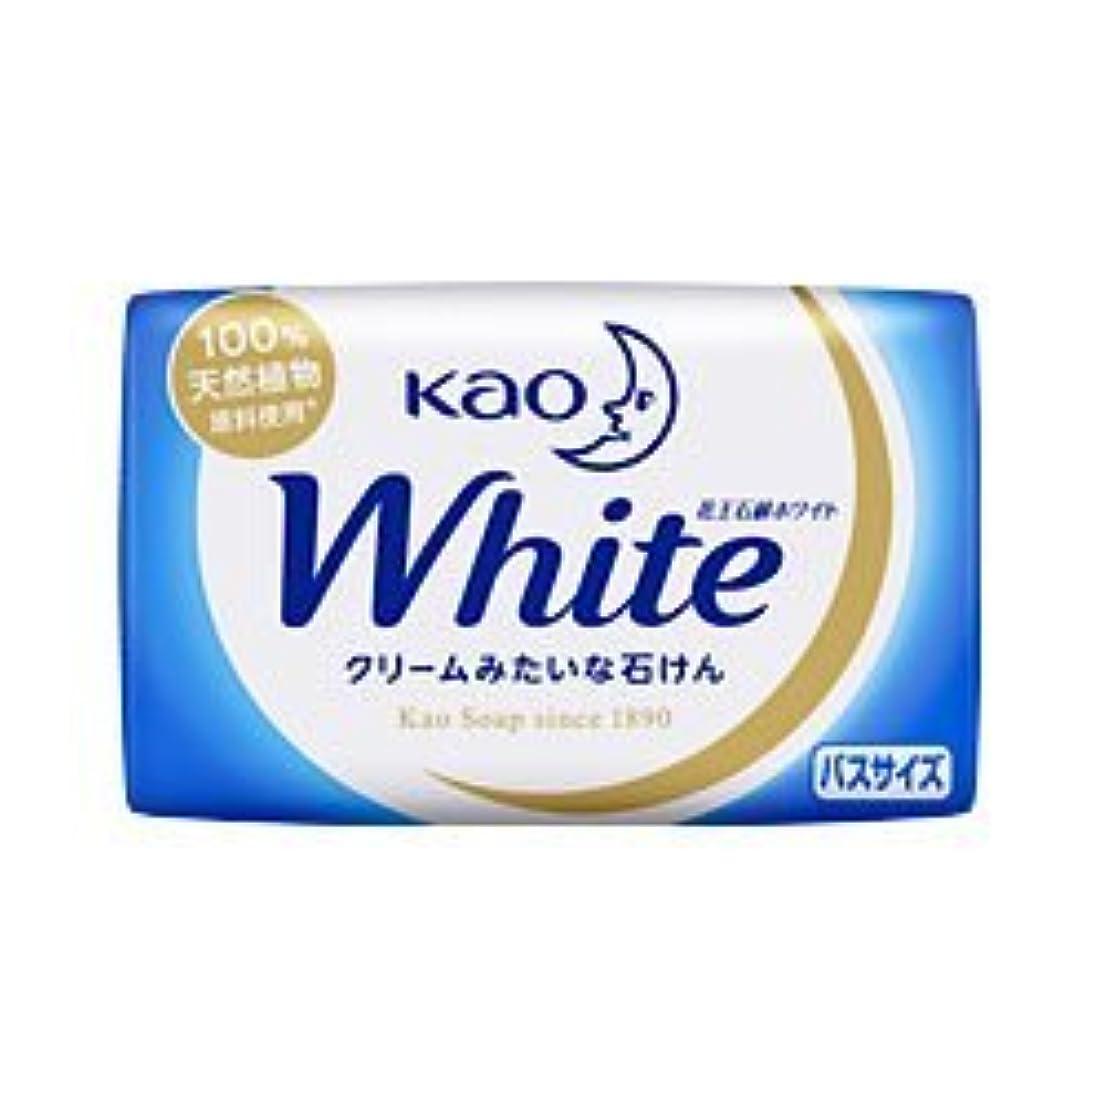 シミュレートする羊の入口【花王】花王ホワイト バスサイズ 1個 130g ×10個セット